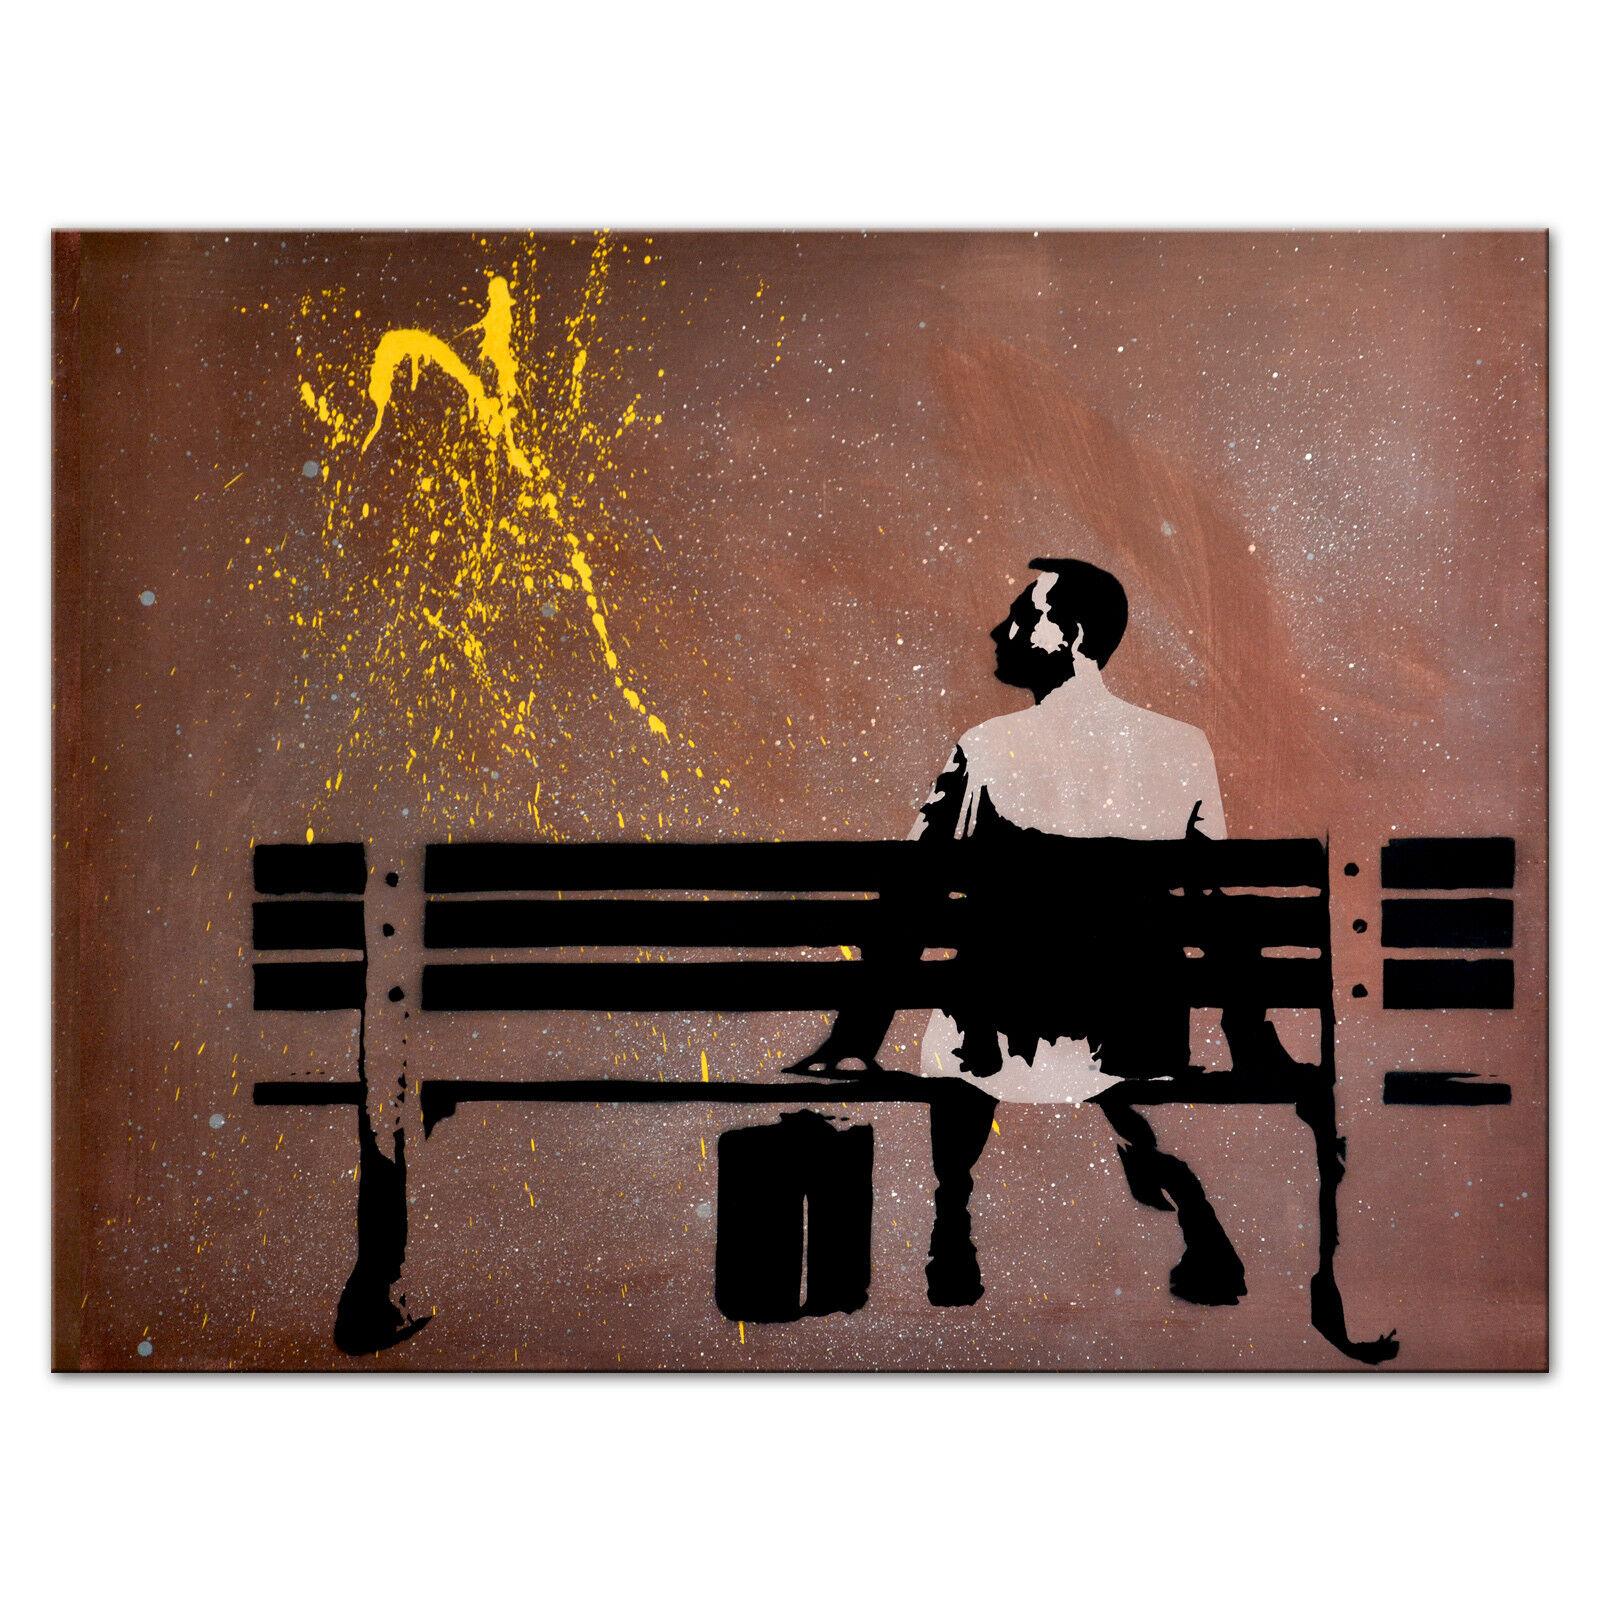 Leinwand Wandbild - Forrest Gump (div. Größen) Kunstdruck Street Art Graffiti